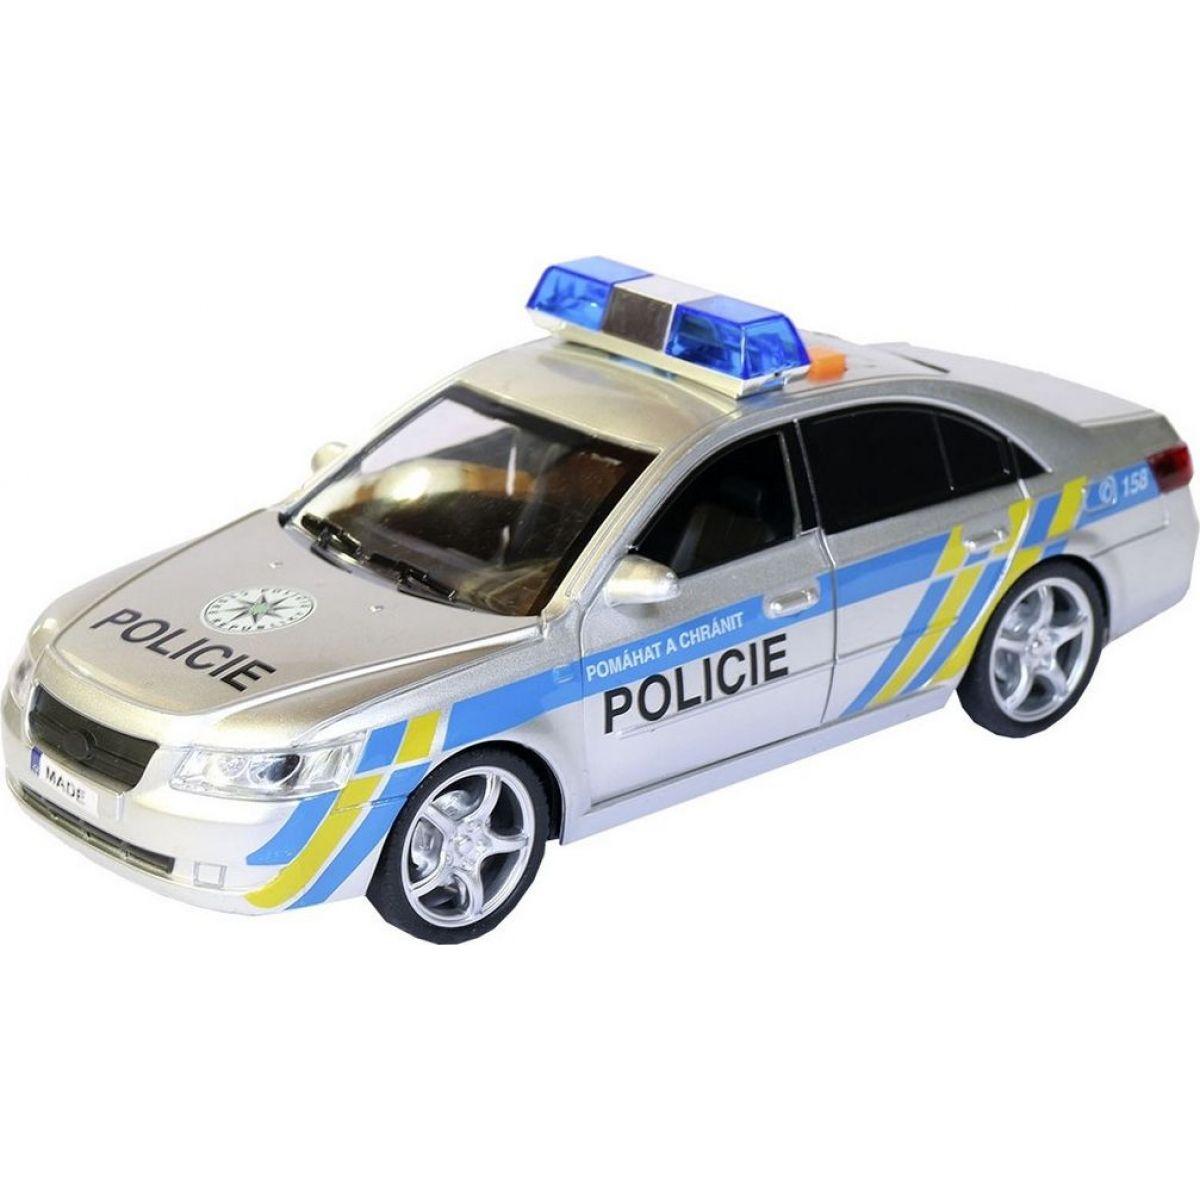 Made Auto policejní s hlášením